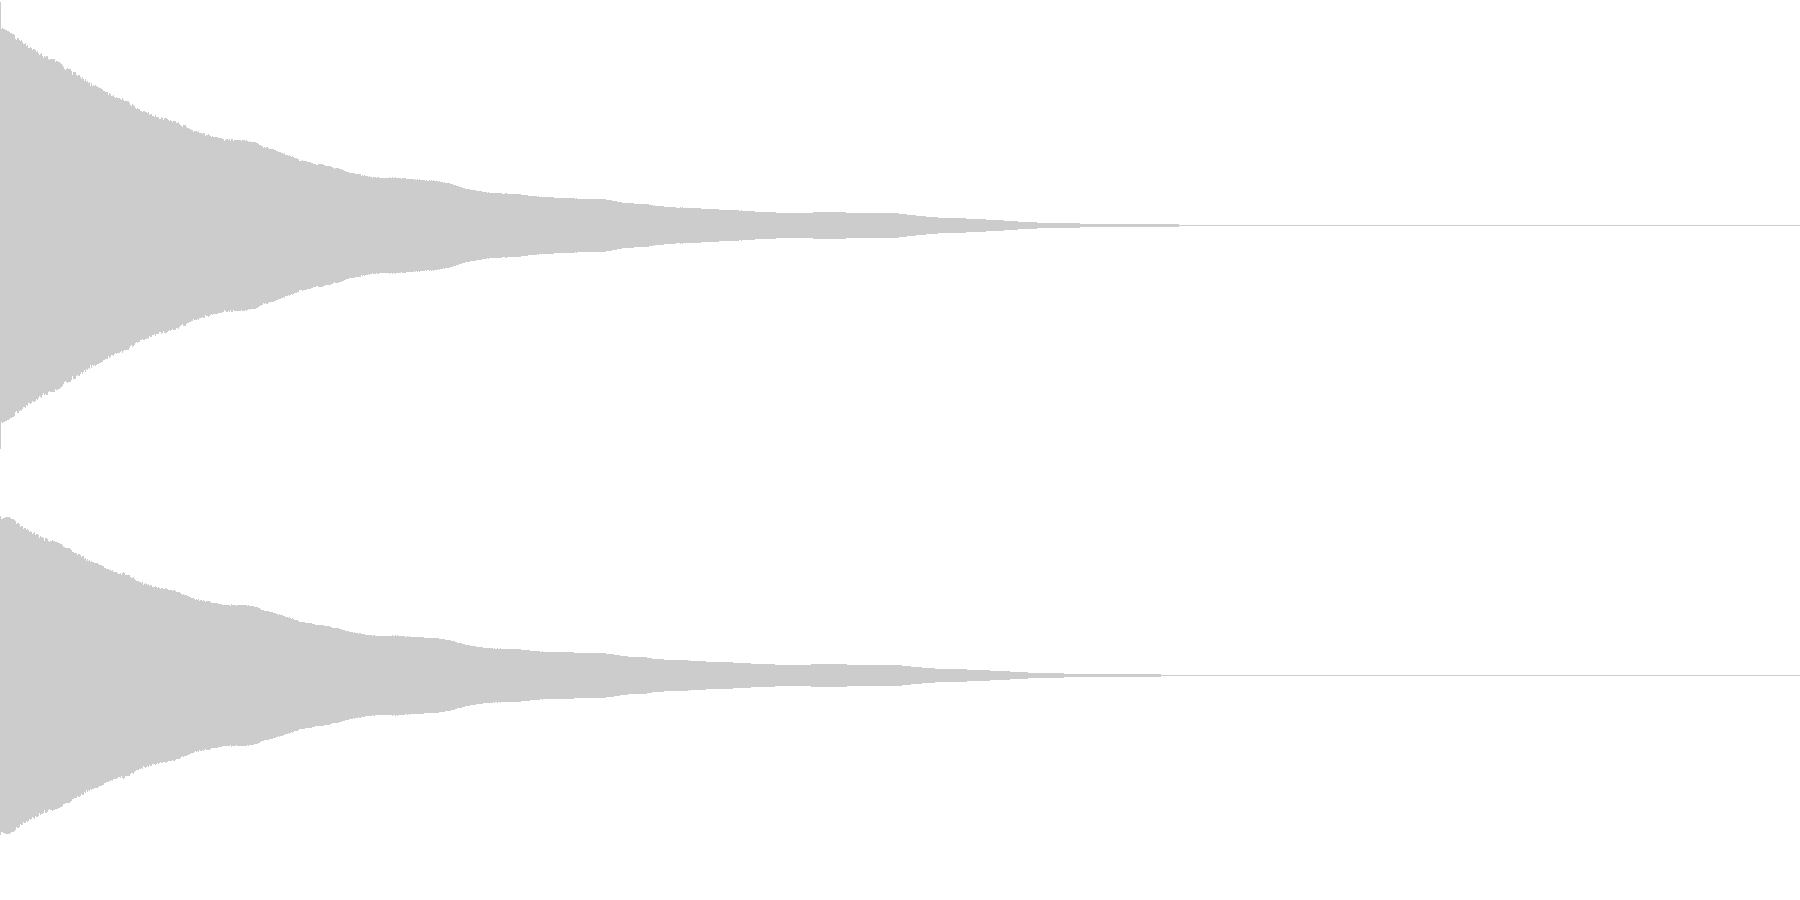 ポワワワーン(目が回る音)の未再生の波形